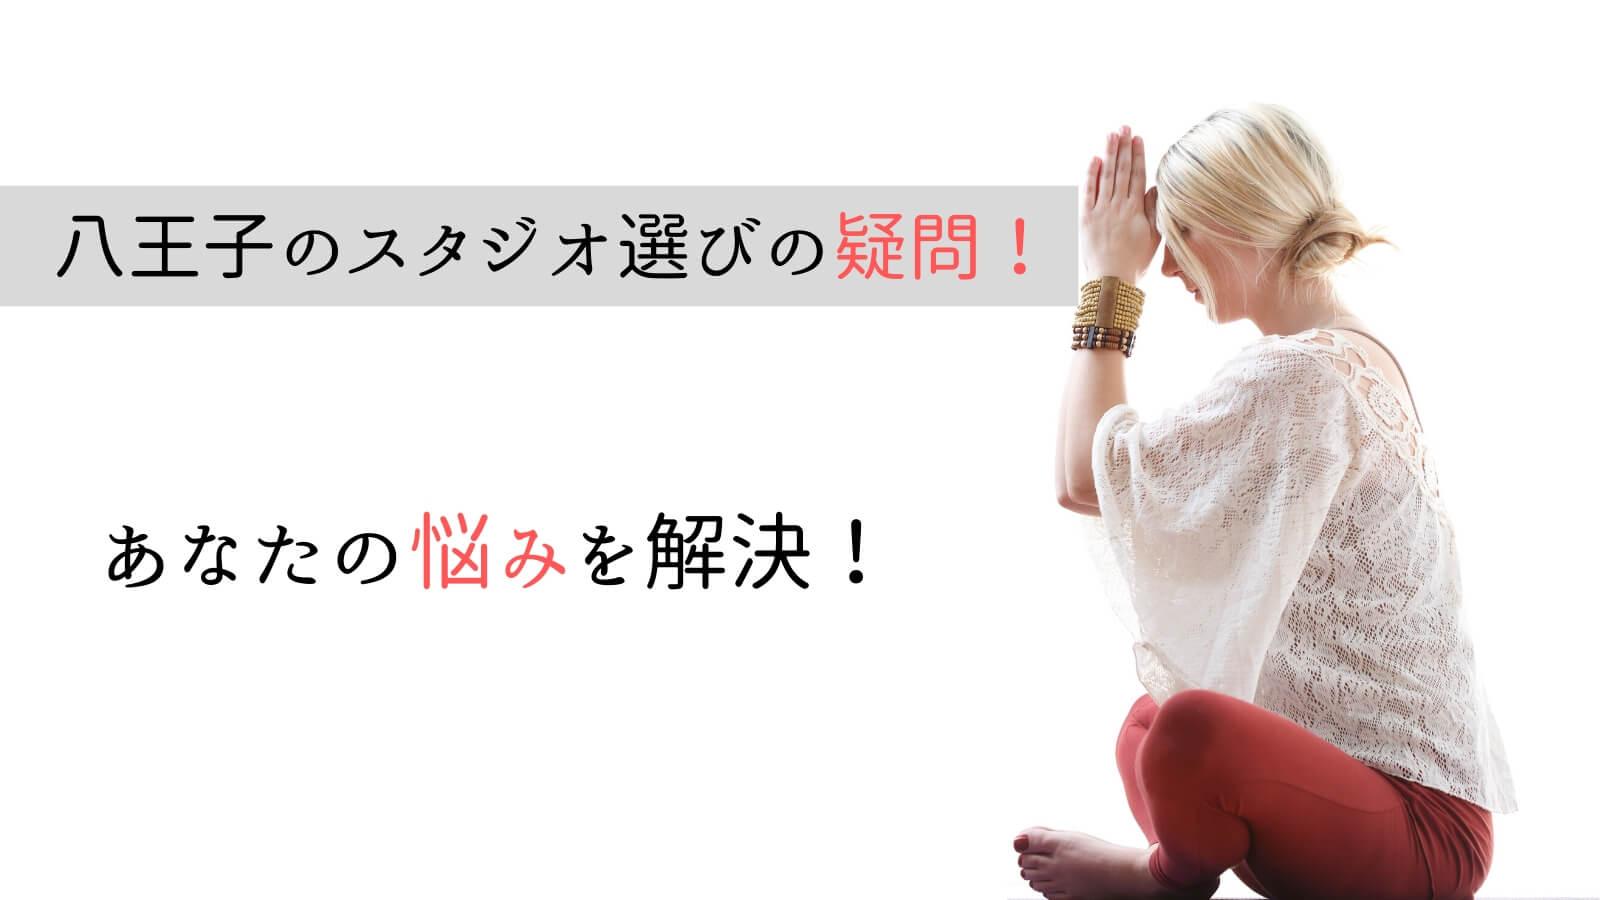 八王子でのヨガ・ピラティススタジオ選びに関するQ&A